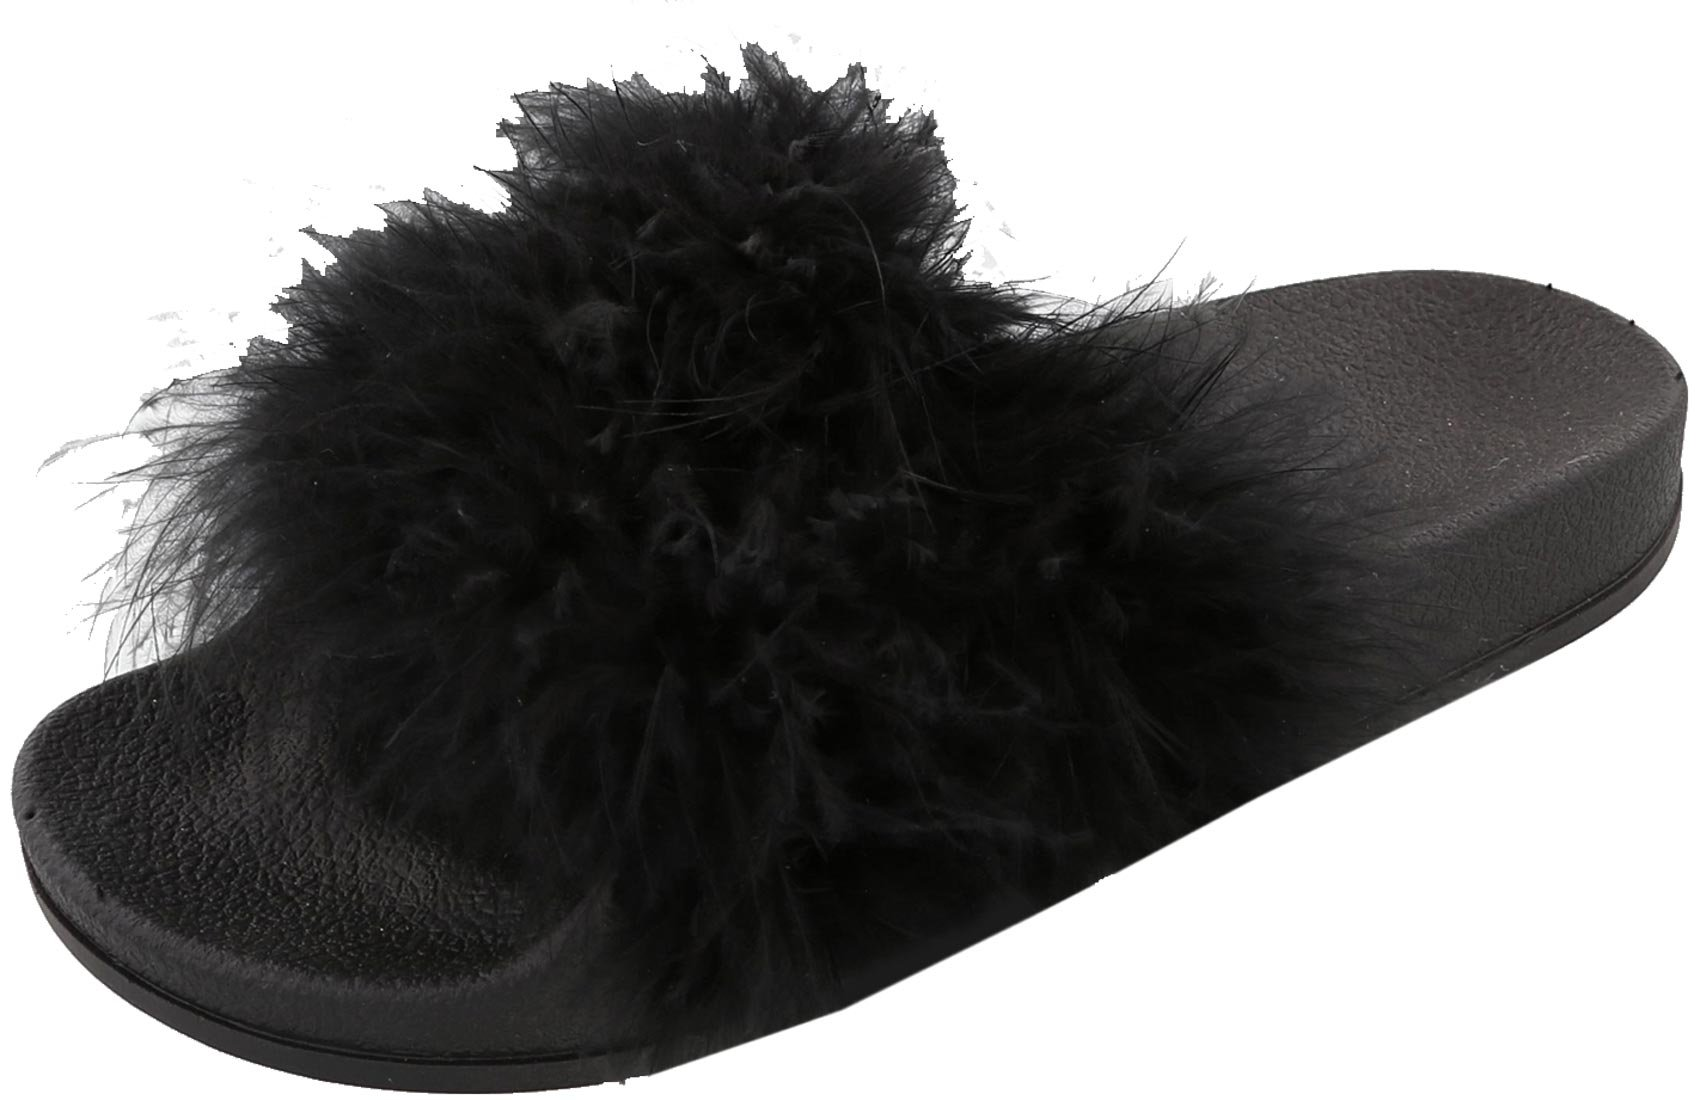 Top Moda Women's Marabou Flip Flop Slip On Slide Slipper Sandal (6 B(M) US, Black)